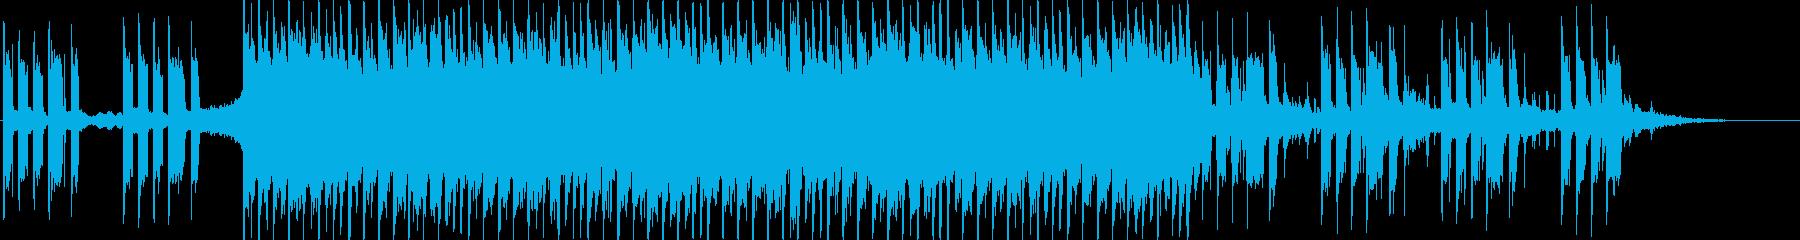 アクティブ&アップビートなポップチューンの再生済みの波形